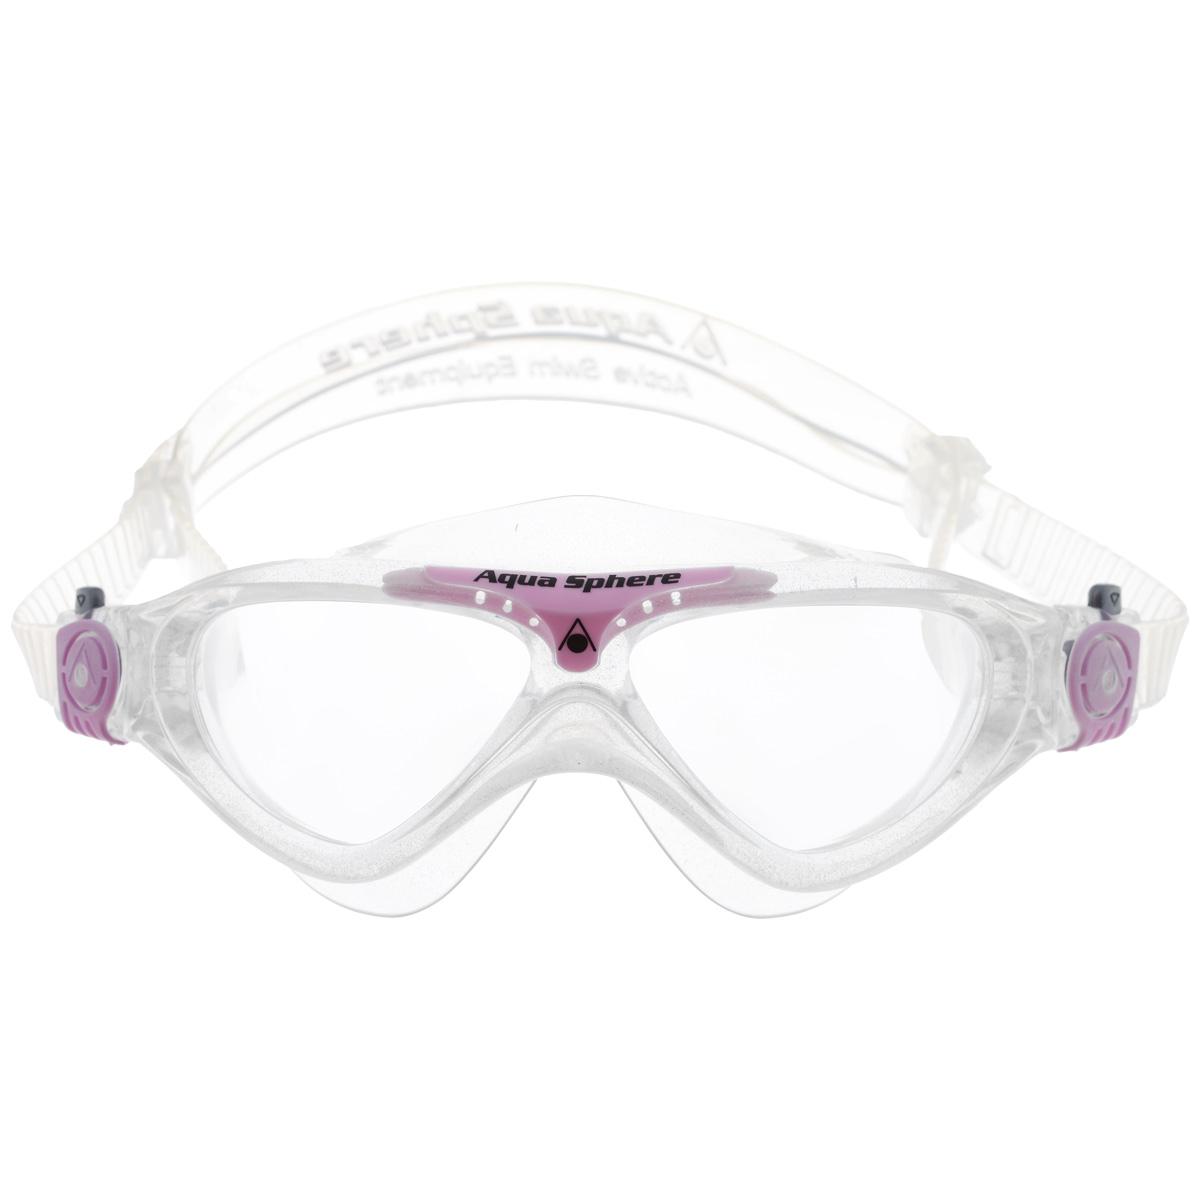 Очки для плавания Aqua Sphere Vista Junior, цвет: прозрачный, розовыйTN 172750Модные и стильные очки для плавания Aqua Sphere Vista Junior идеально подходят для плавания в бассейне или открытой воде. Оснащены линзами с антизапотевающим покрытием, которые устойчивы к появлению царапин. Мягкий комфортный обтюратор плотно прилегает к лицу. Запатентованные изогнутые линзы дают прекрасный обзор на 180° - без искажений. Очки дают 100% защиту от ультрафиолетового излучения спектра А и спектра В. Материал: плексисол, силикон.